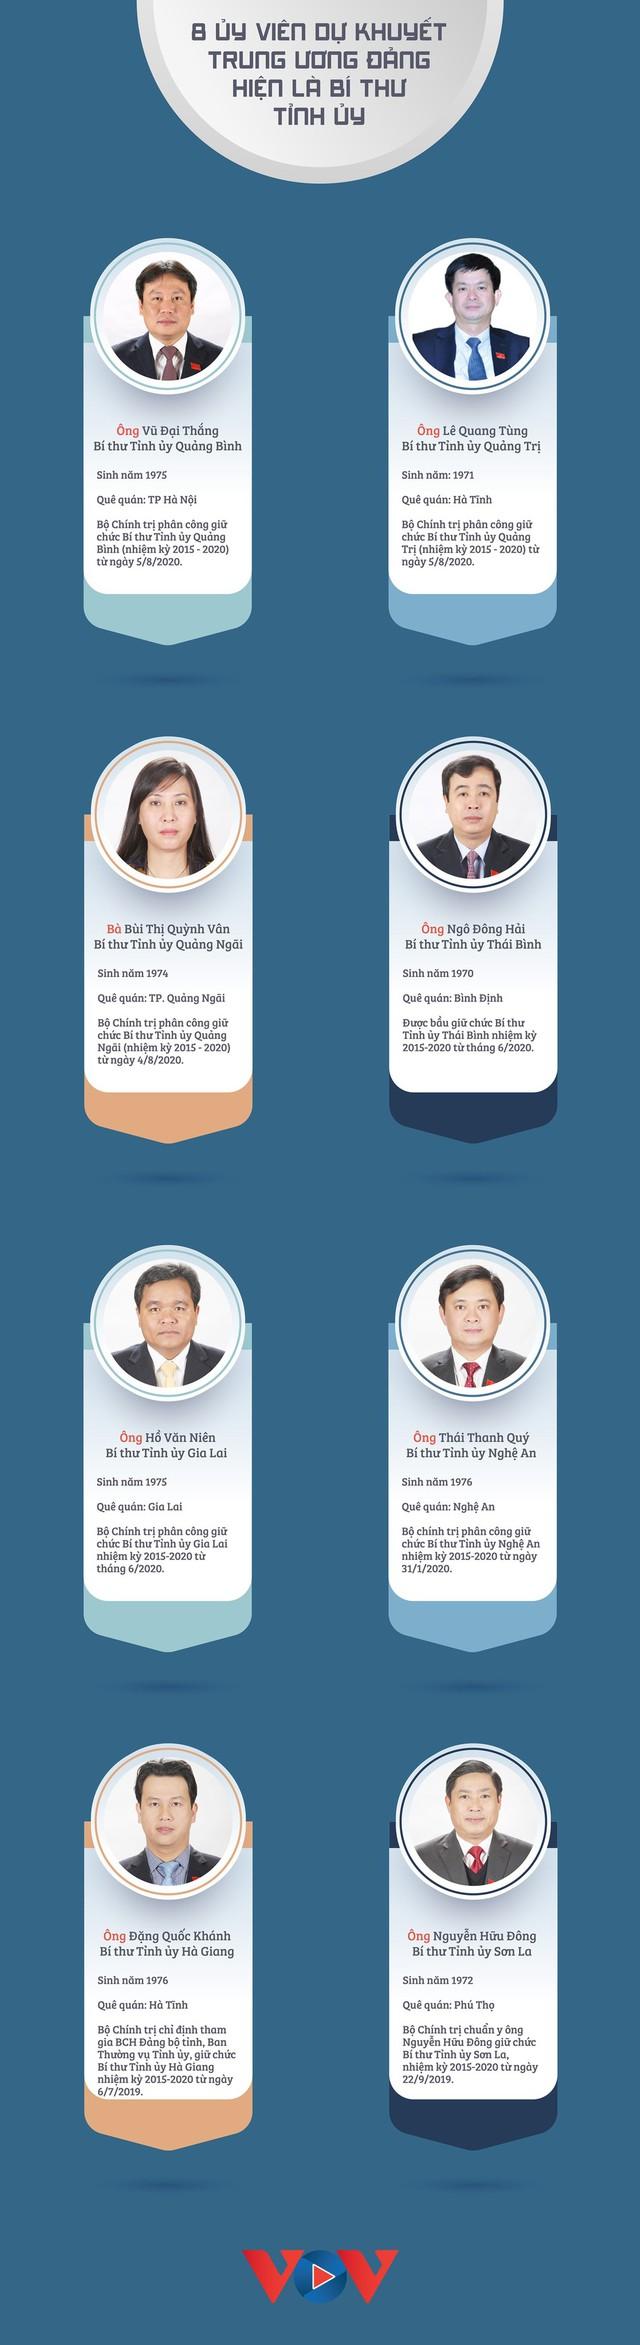 8 Ủy viên dự khuyết Trung ương Đảng hiện là Bí thư Tỉnh ủy - Ảnh 1.